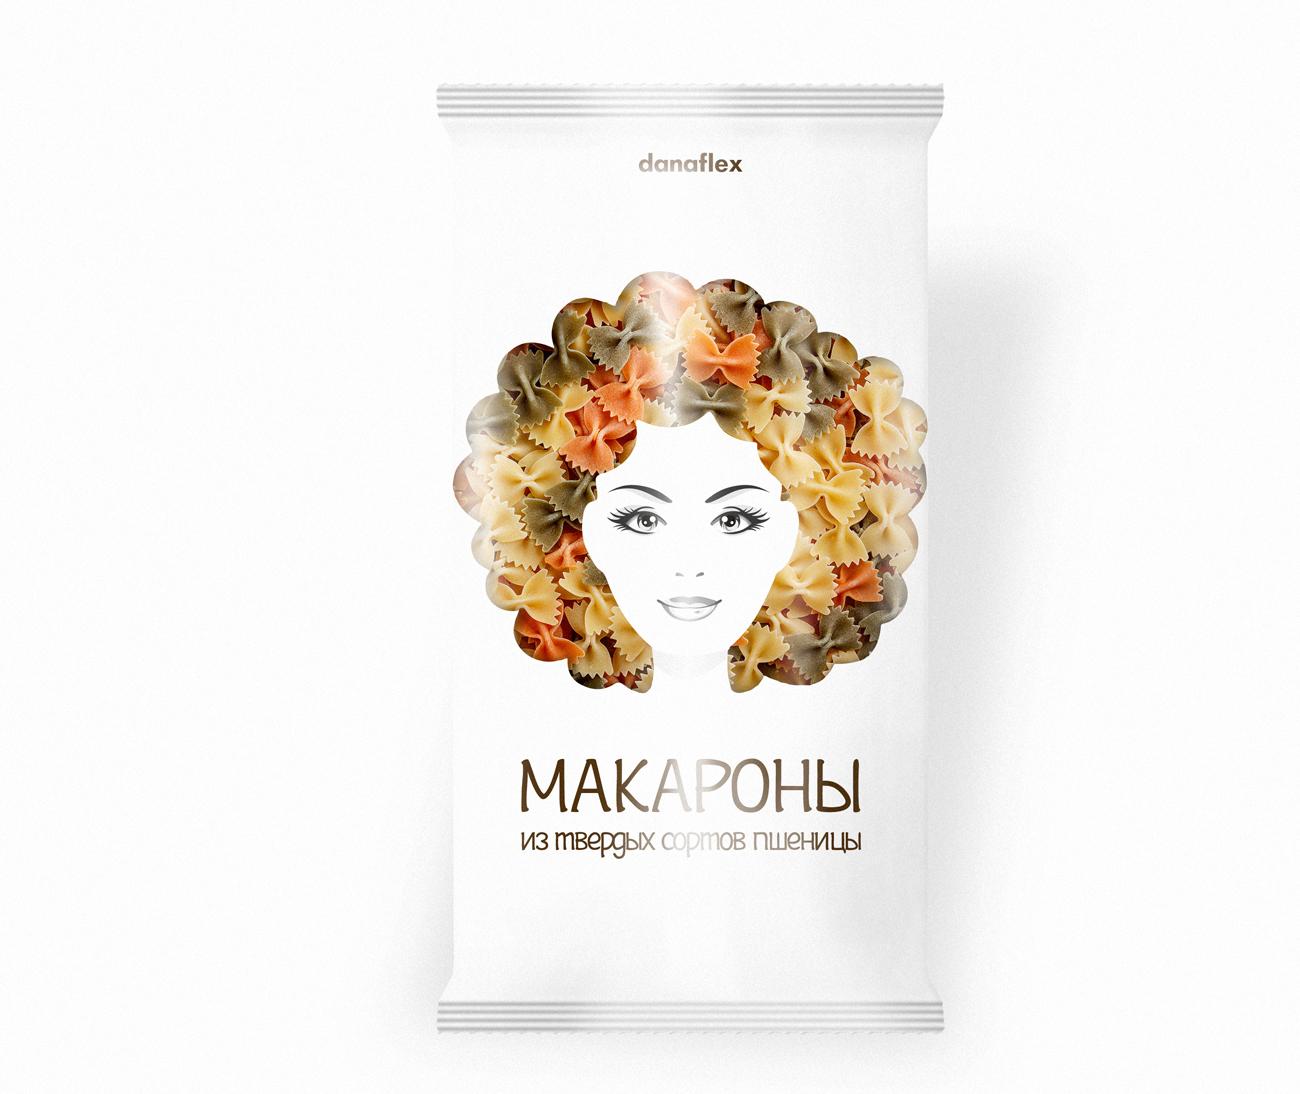 Концепт дизайна упаковок макаронных изделий #1